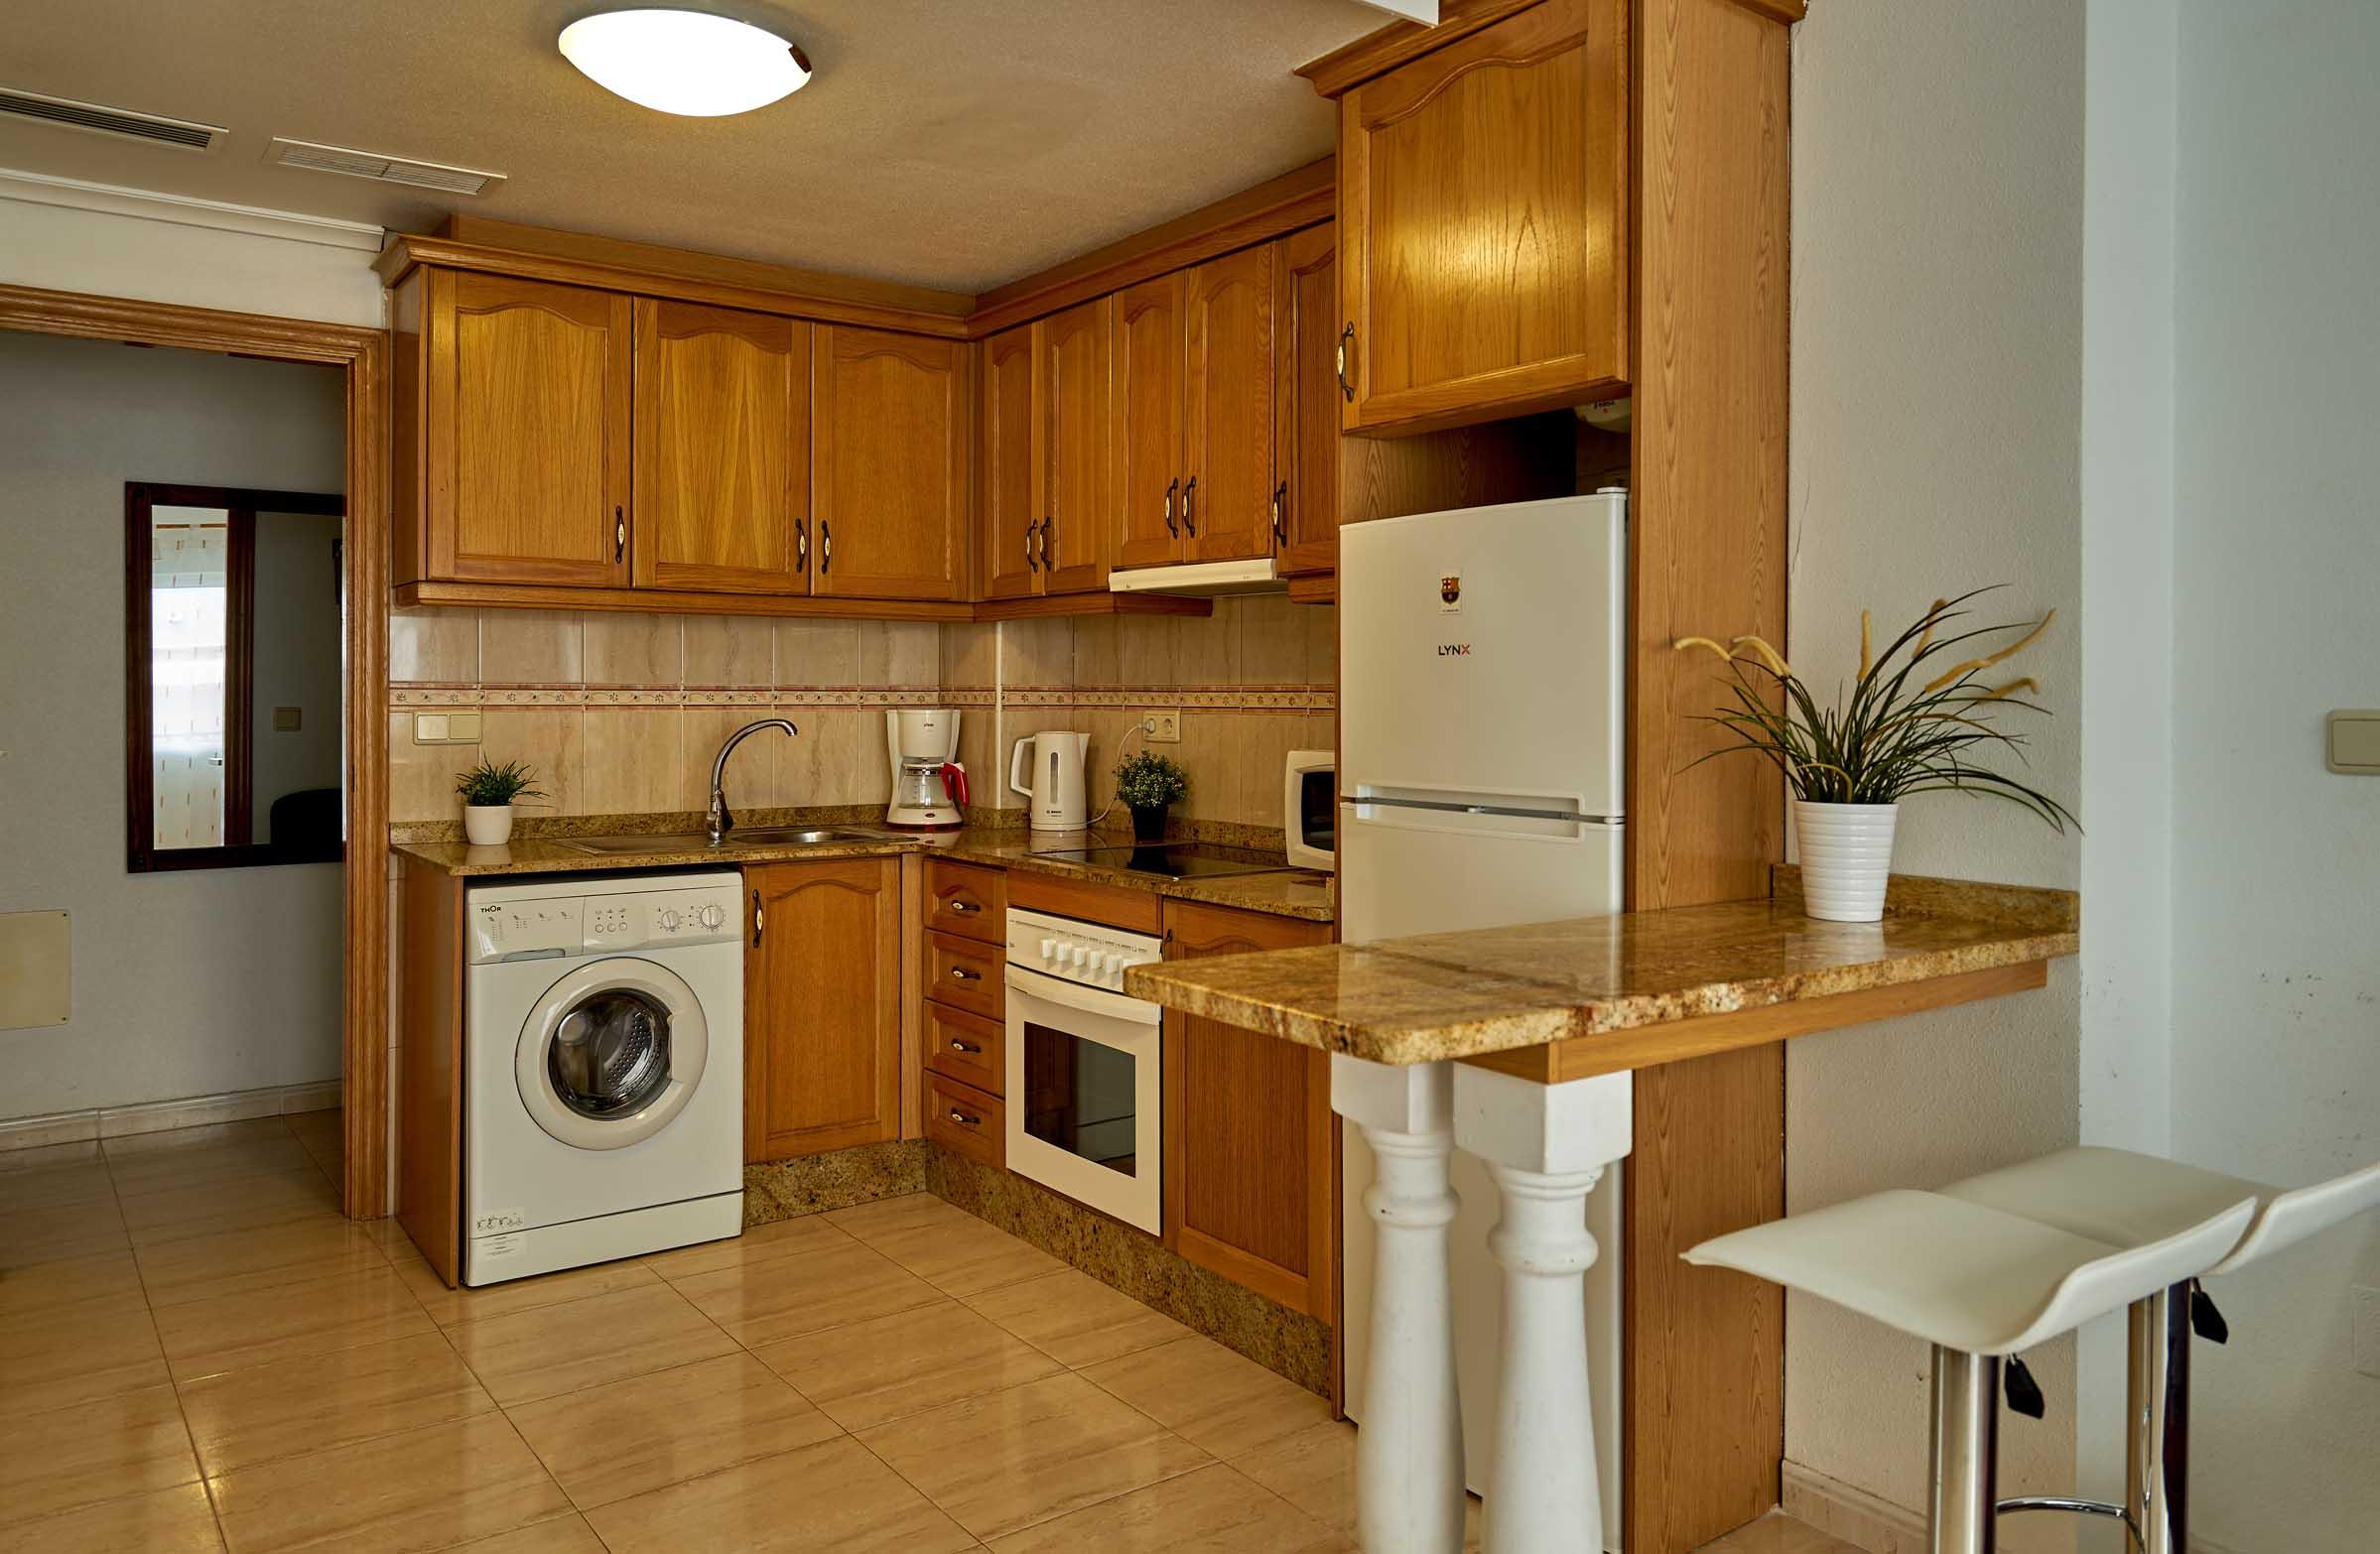 Apartment Espanhouse Fragata photo 22456180